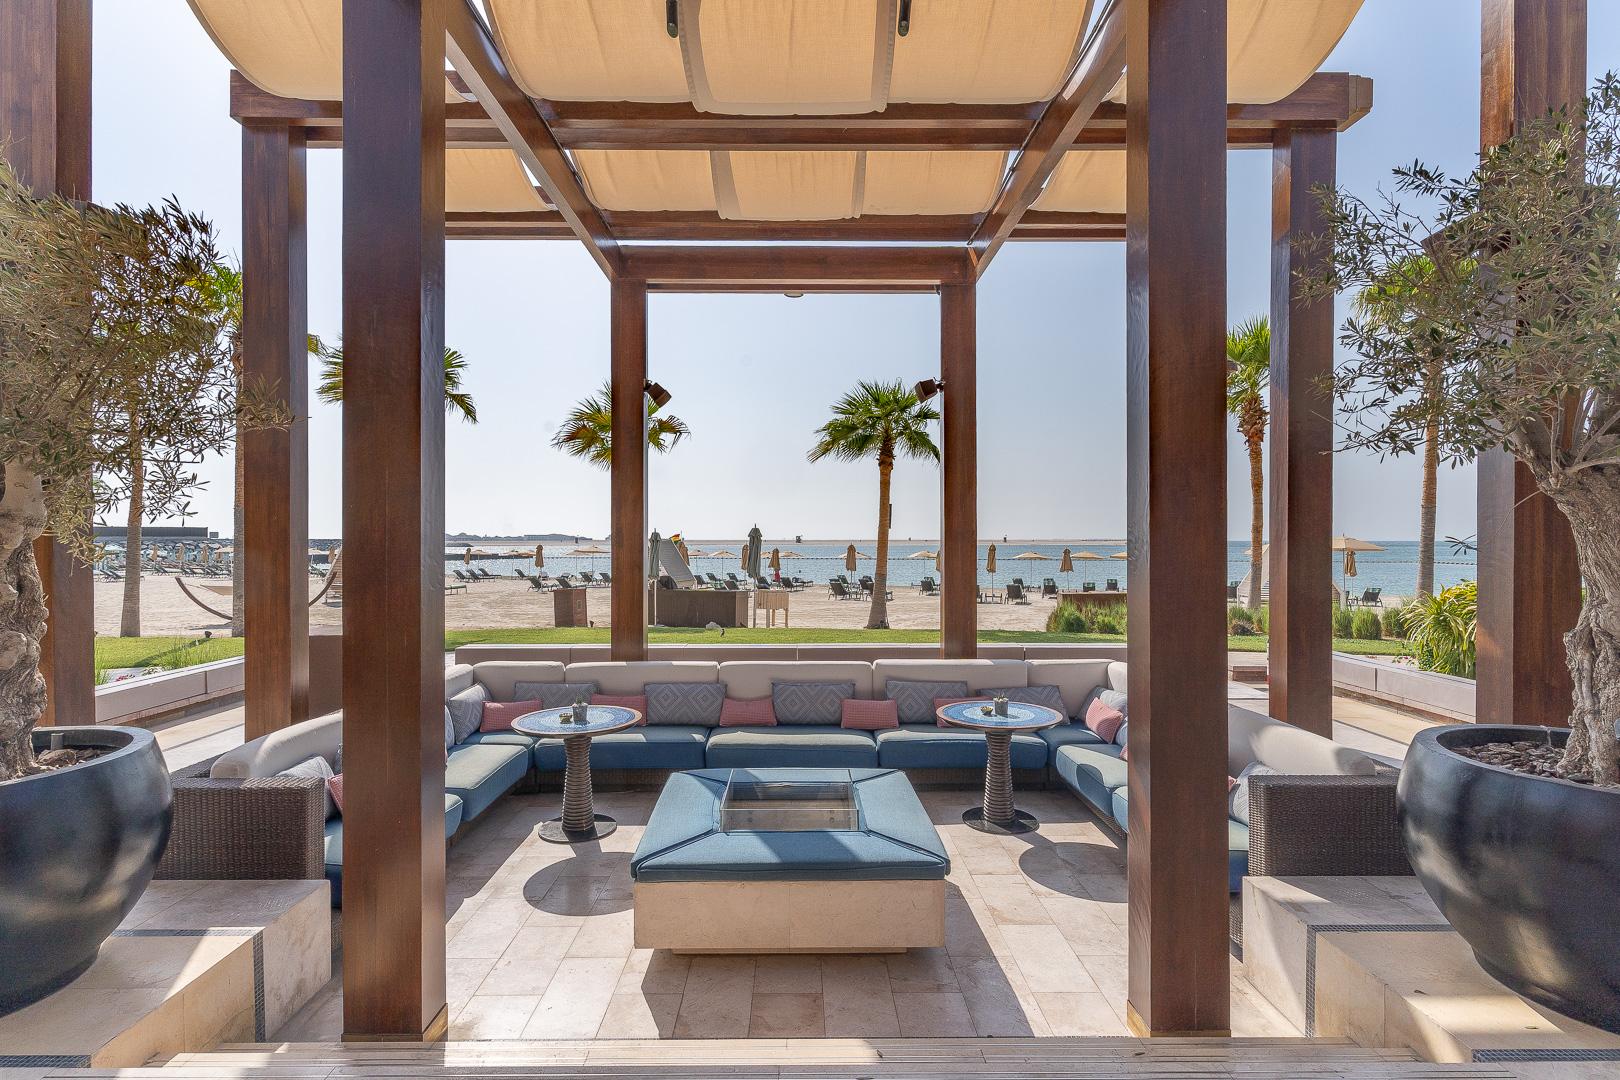 FS Jumeirah 52 - REVIEW - Four Seasons Dubai at Jumeirah Beach : Deluxe City-View Room [COVID-era]